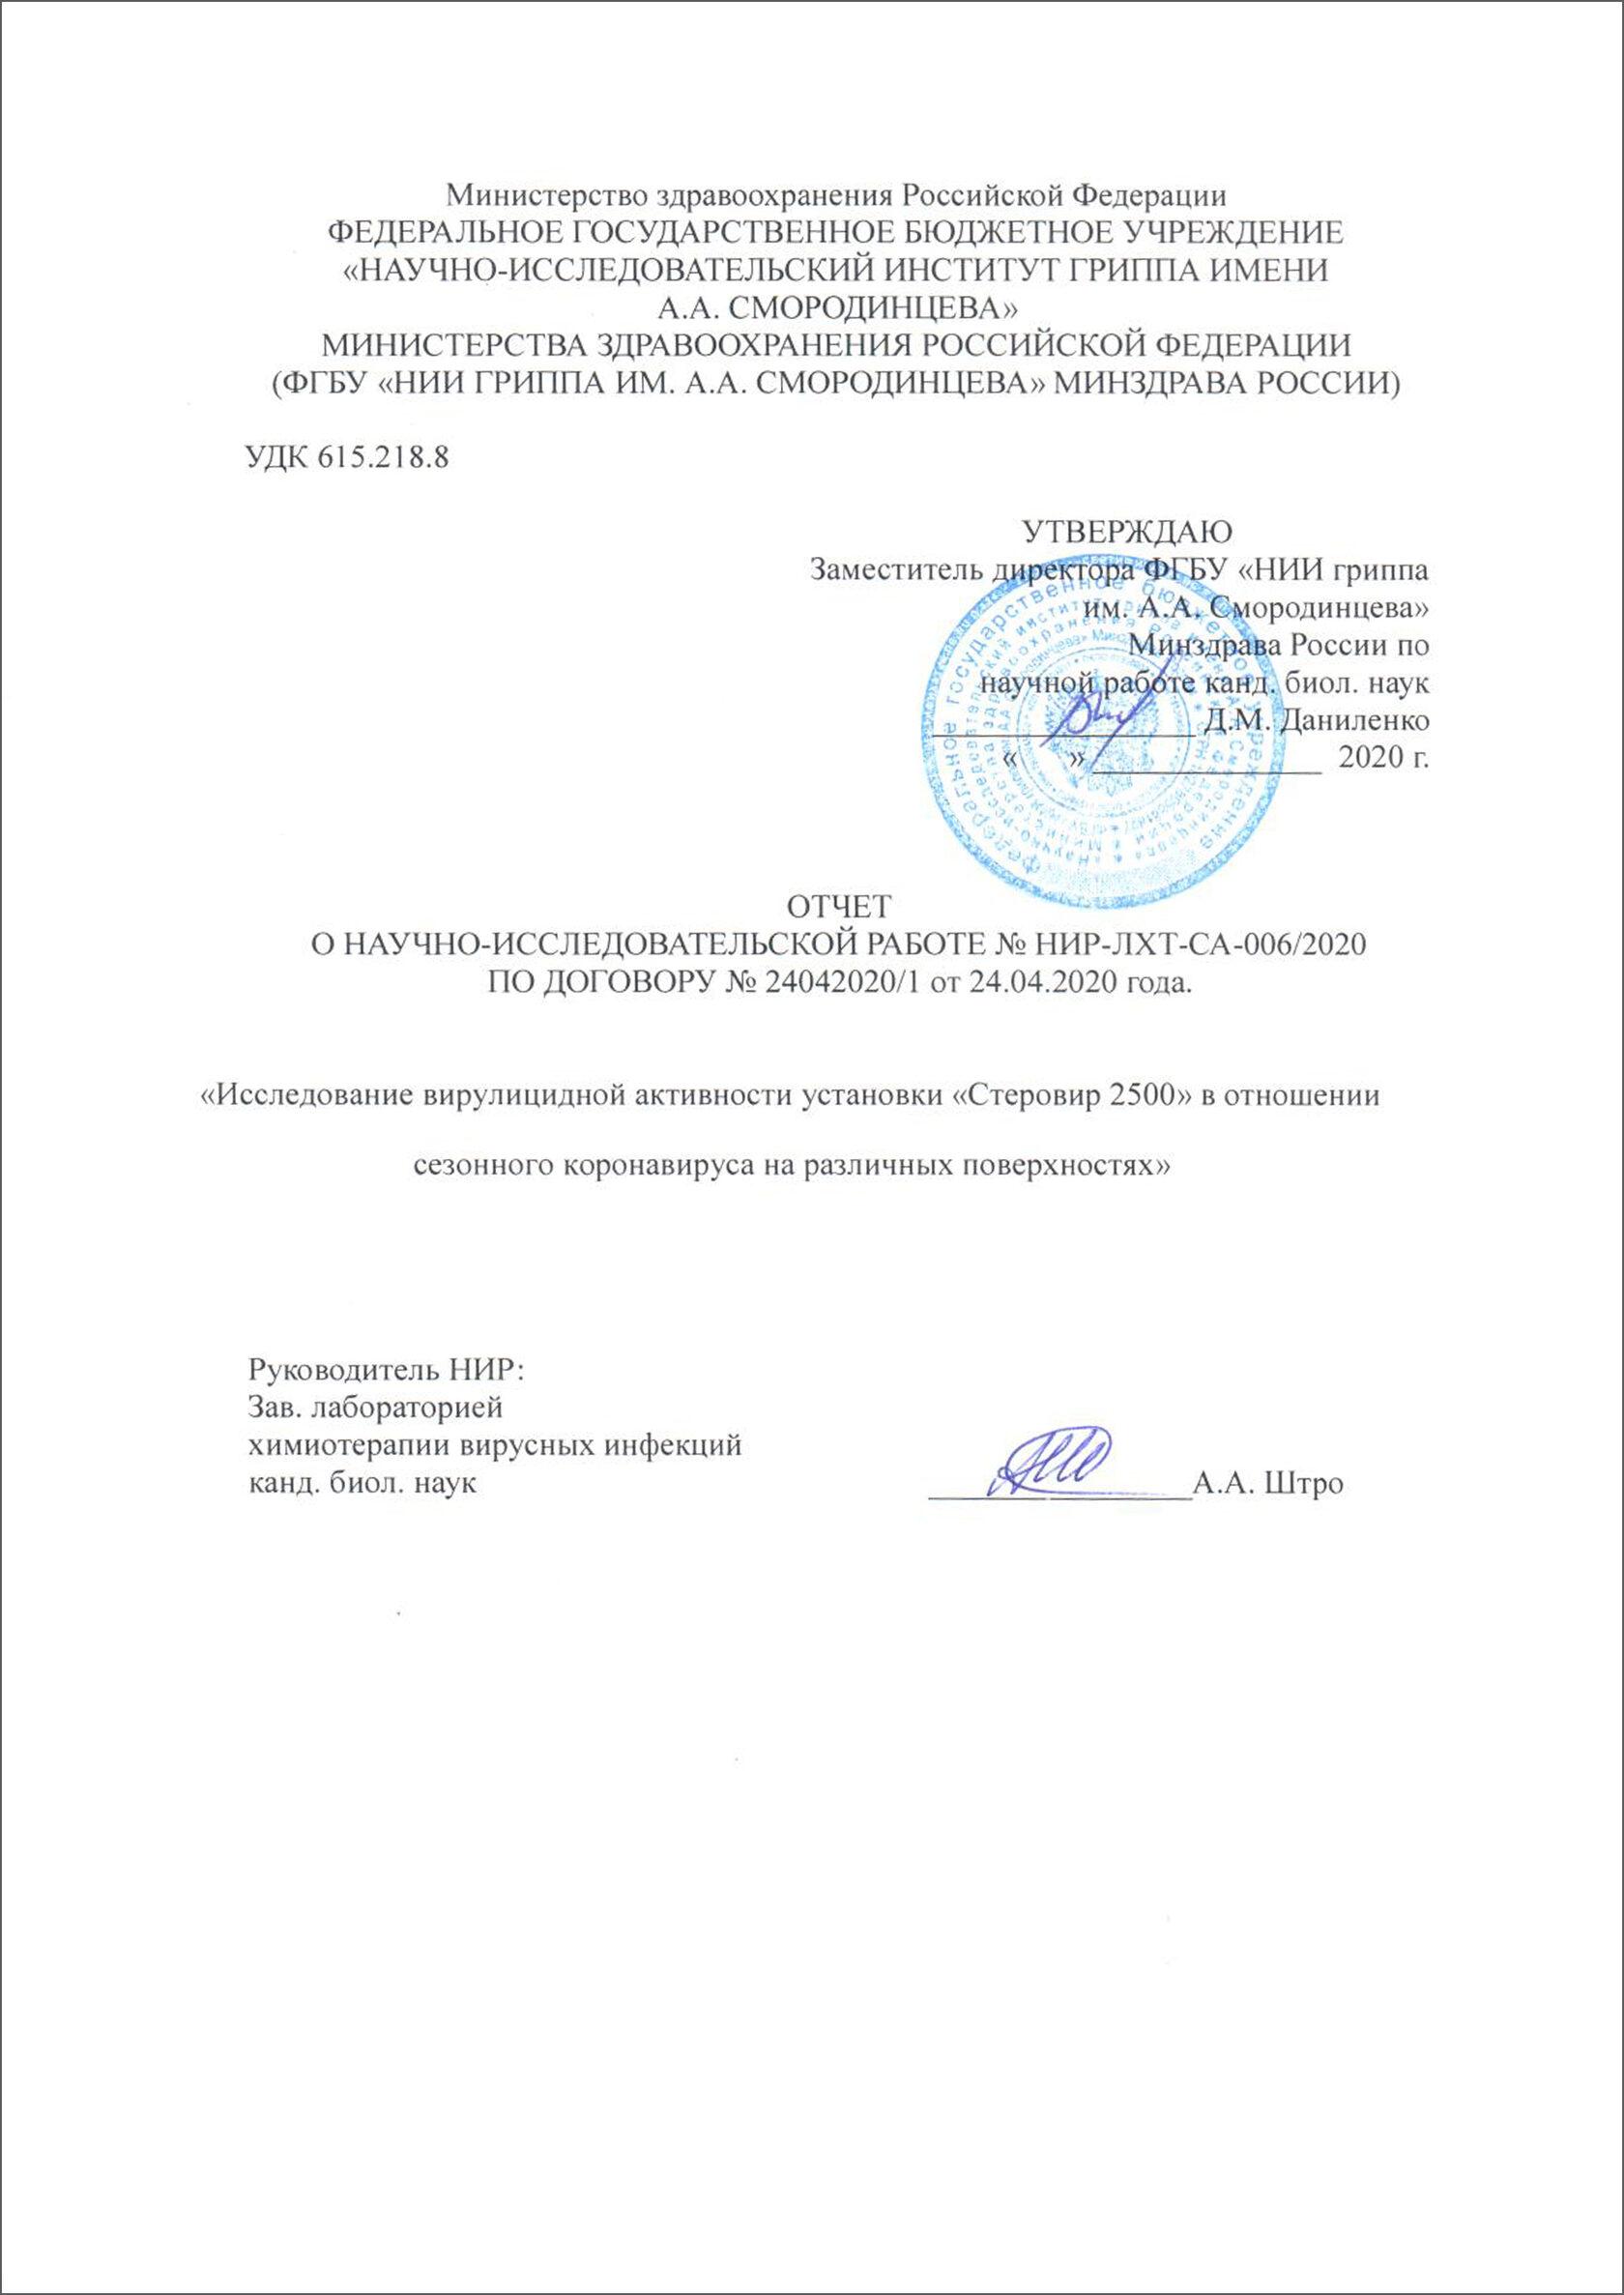 отчет НИИ гриппа им А.А. Смородинцева